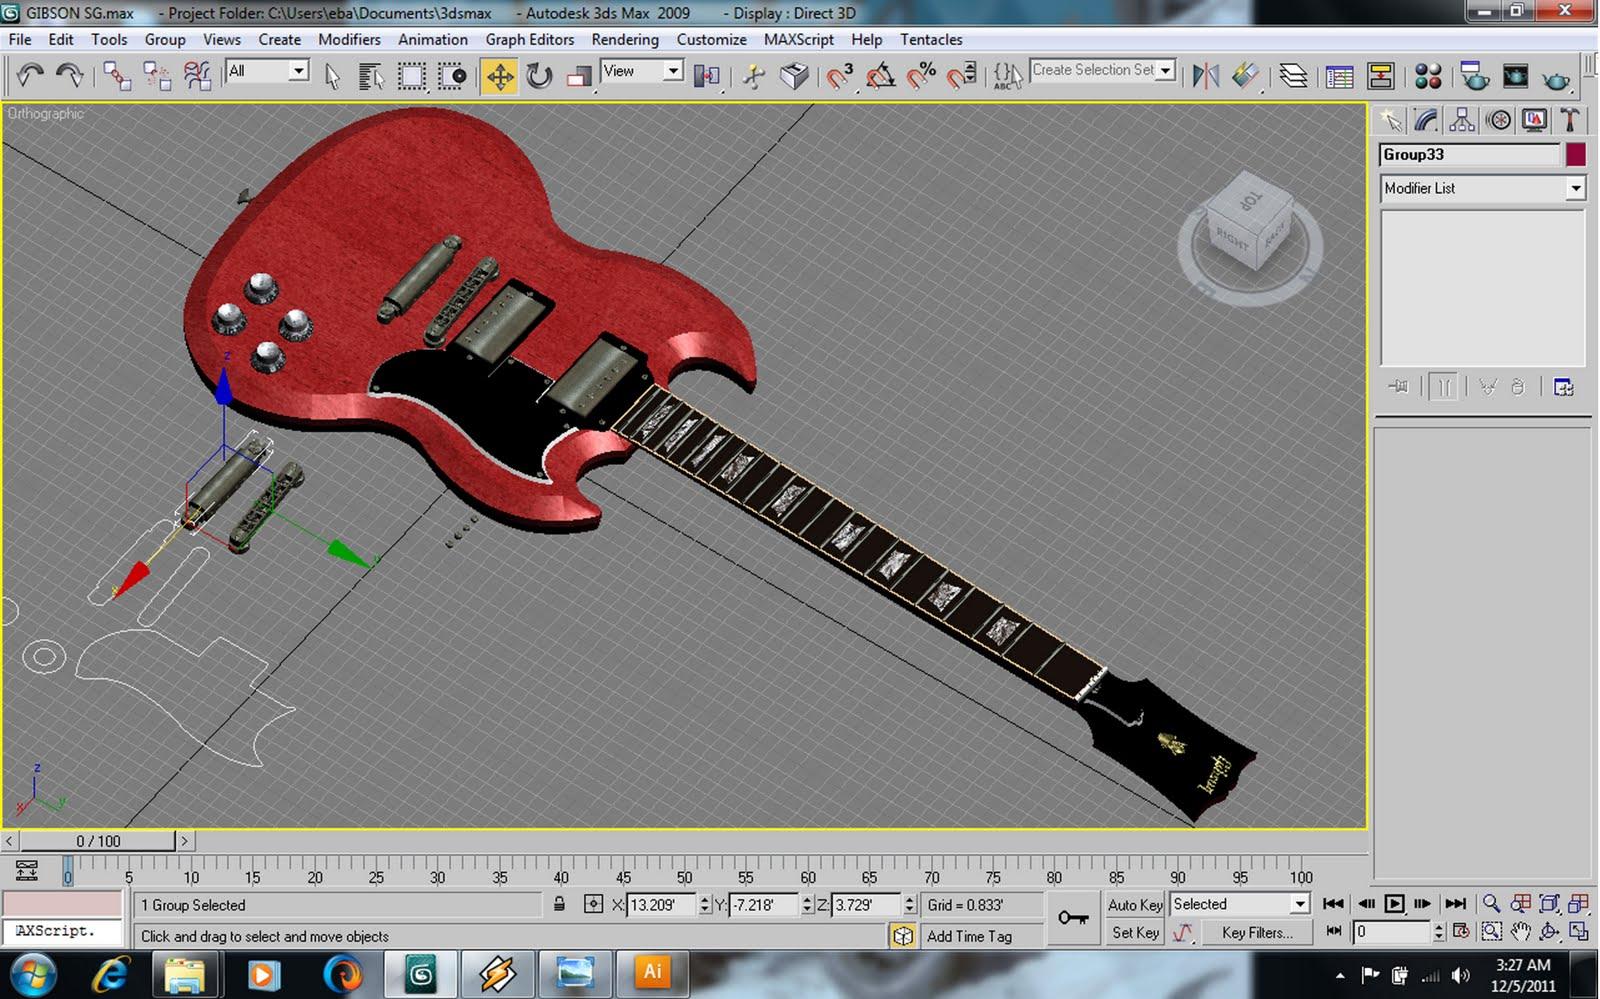 http://2.bp.blogspot.com/-7ipnGYrxuf8/Tt7-6OHRVzI/AAAAAAAAAac/DbXbhppS69E/s1600/Gibson%2BSG%2B3D.jpg